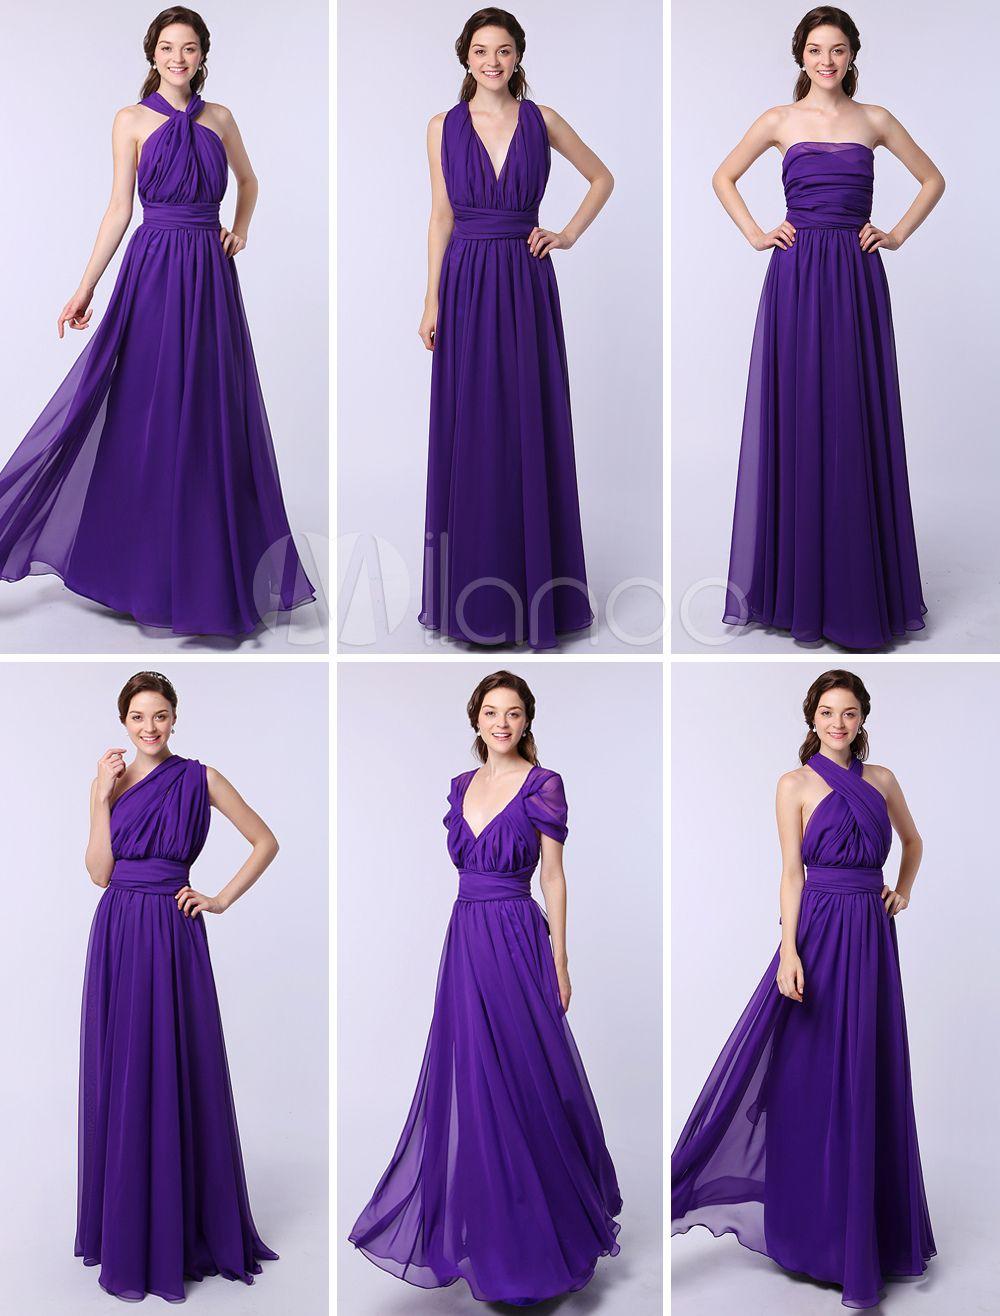 más opciones...IMPOSIBLE! | vestidos | Pinterest | Damas, Vestiditos ...